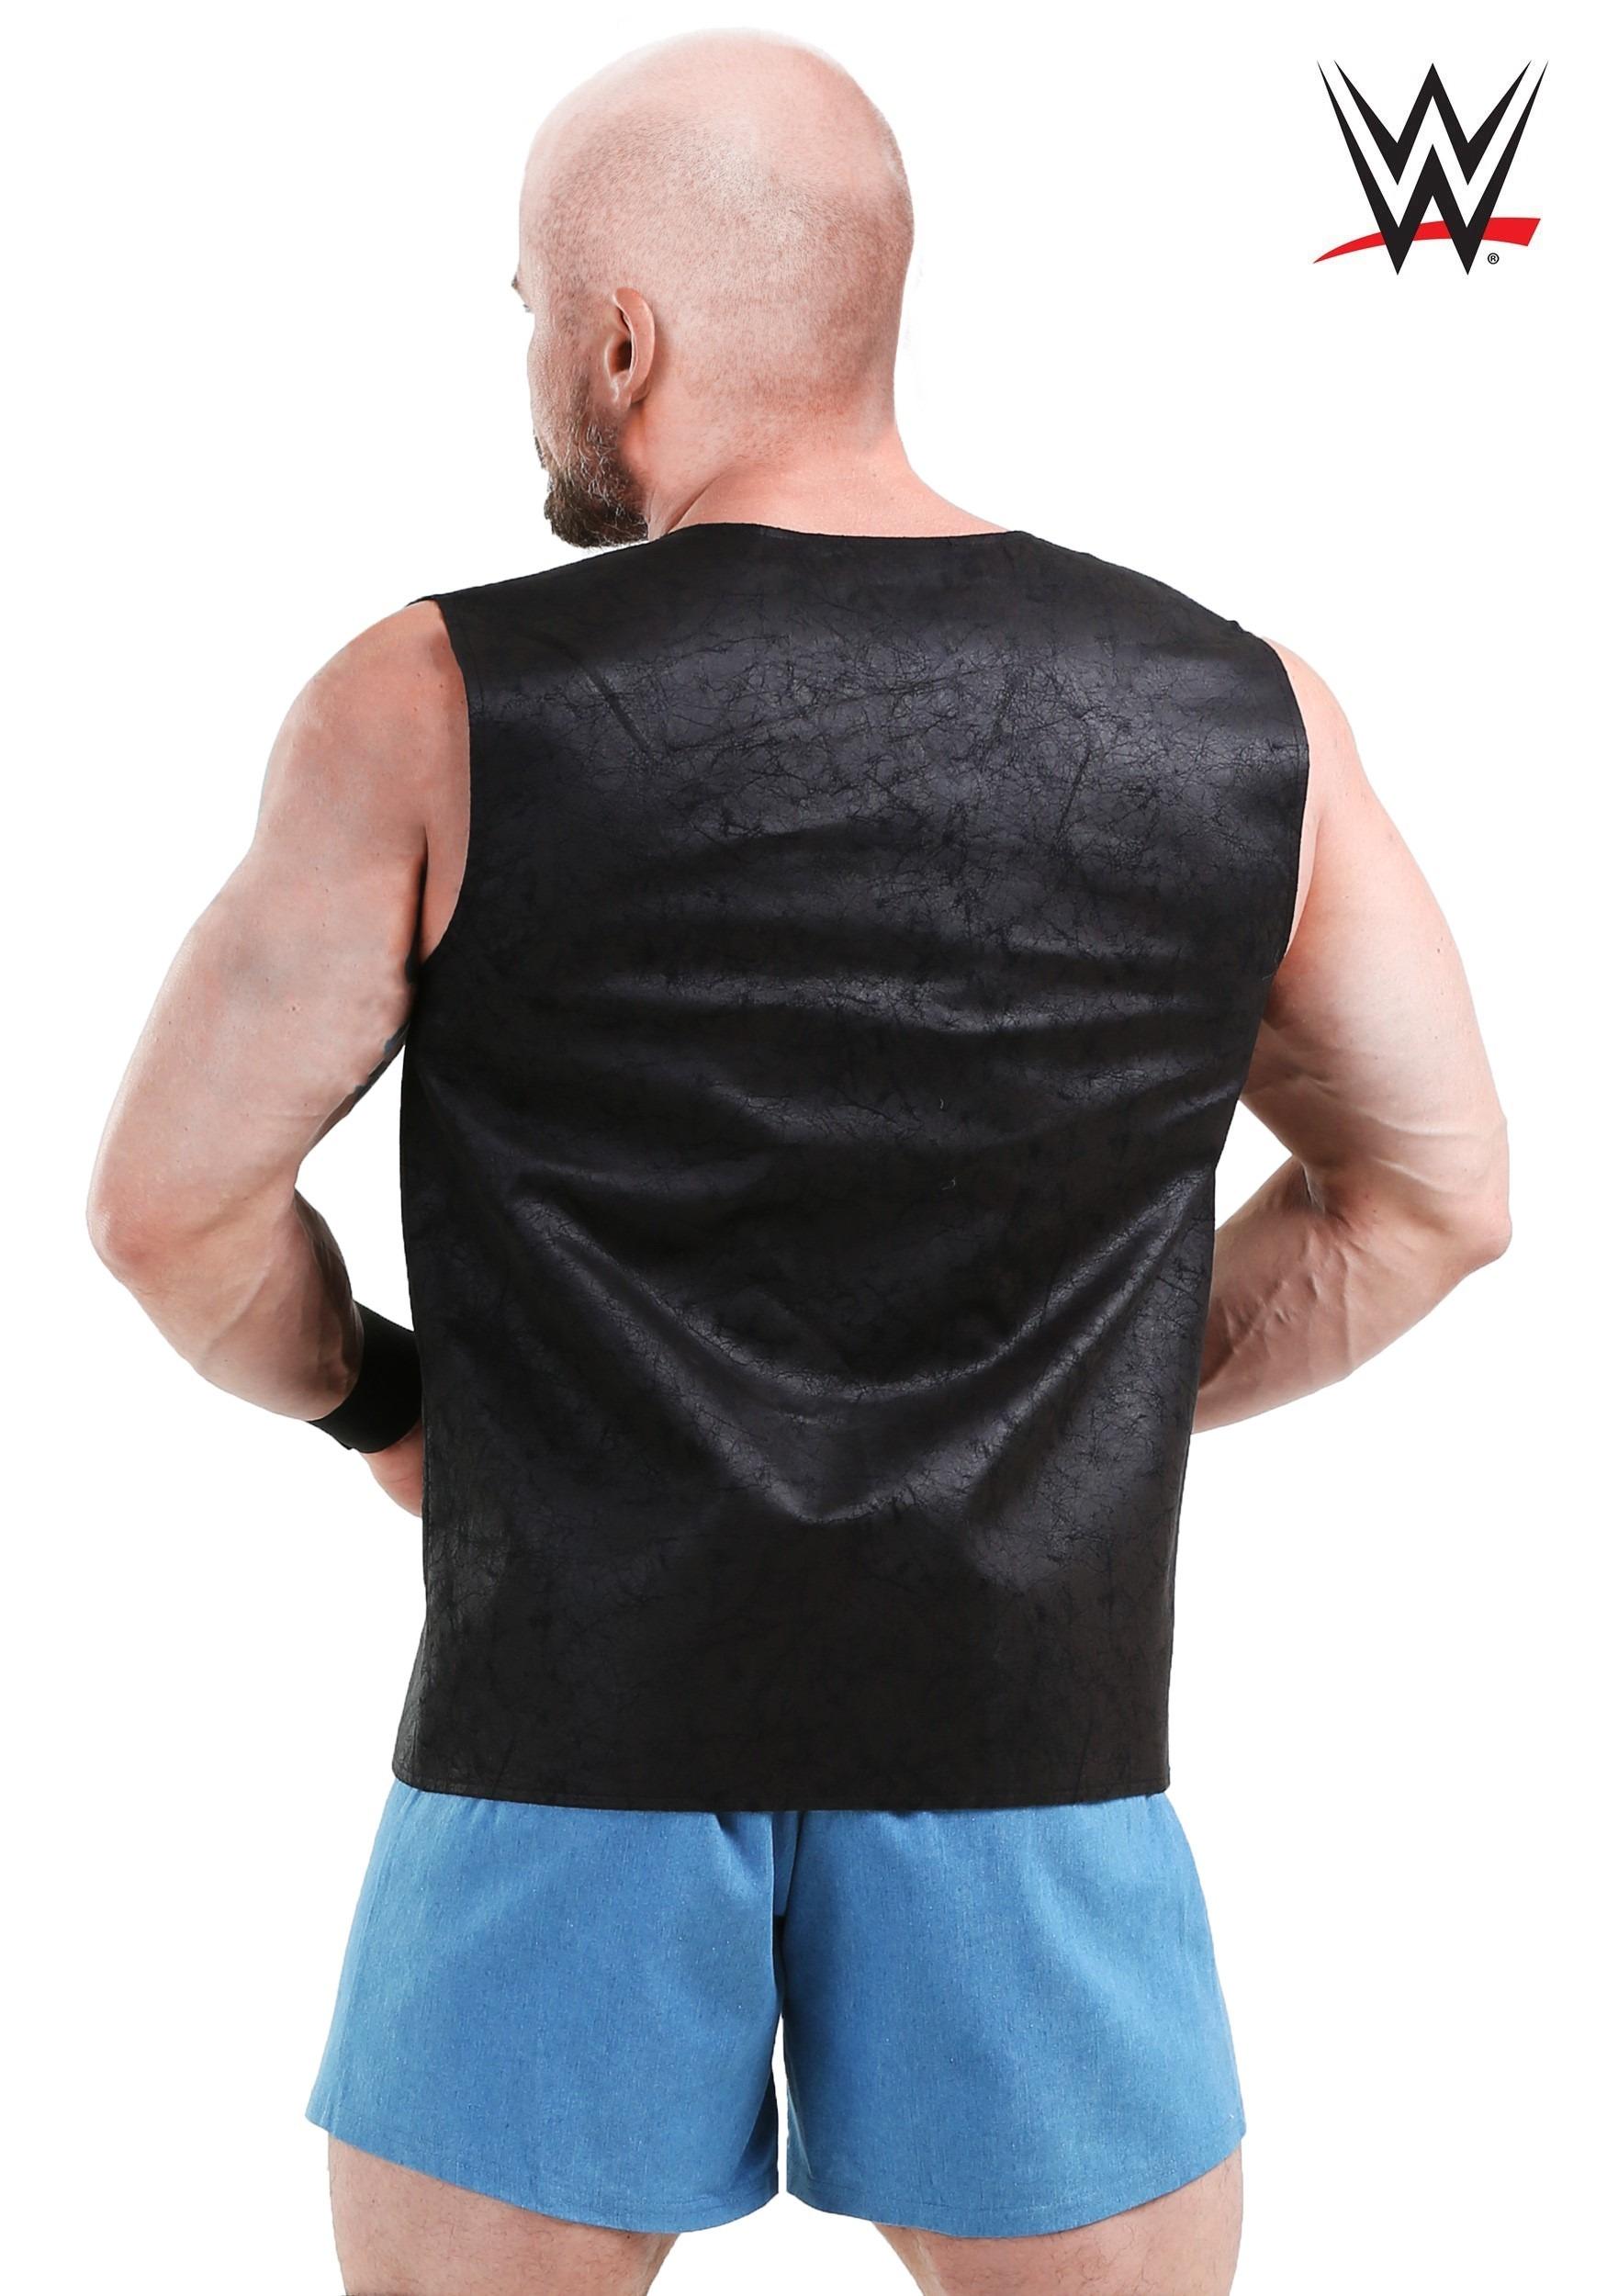 Stone Cold Steve Austin Costume for Men